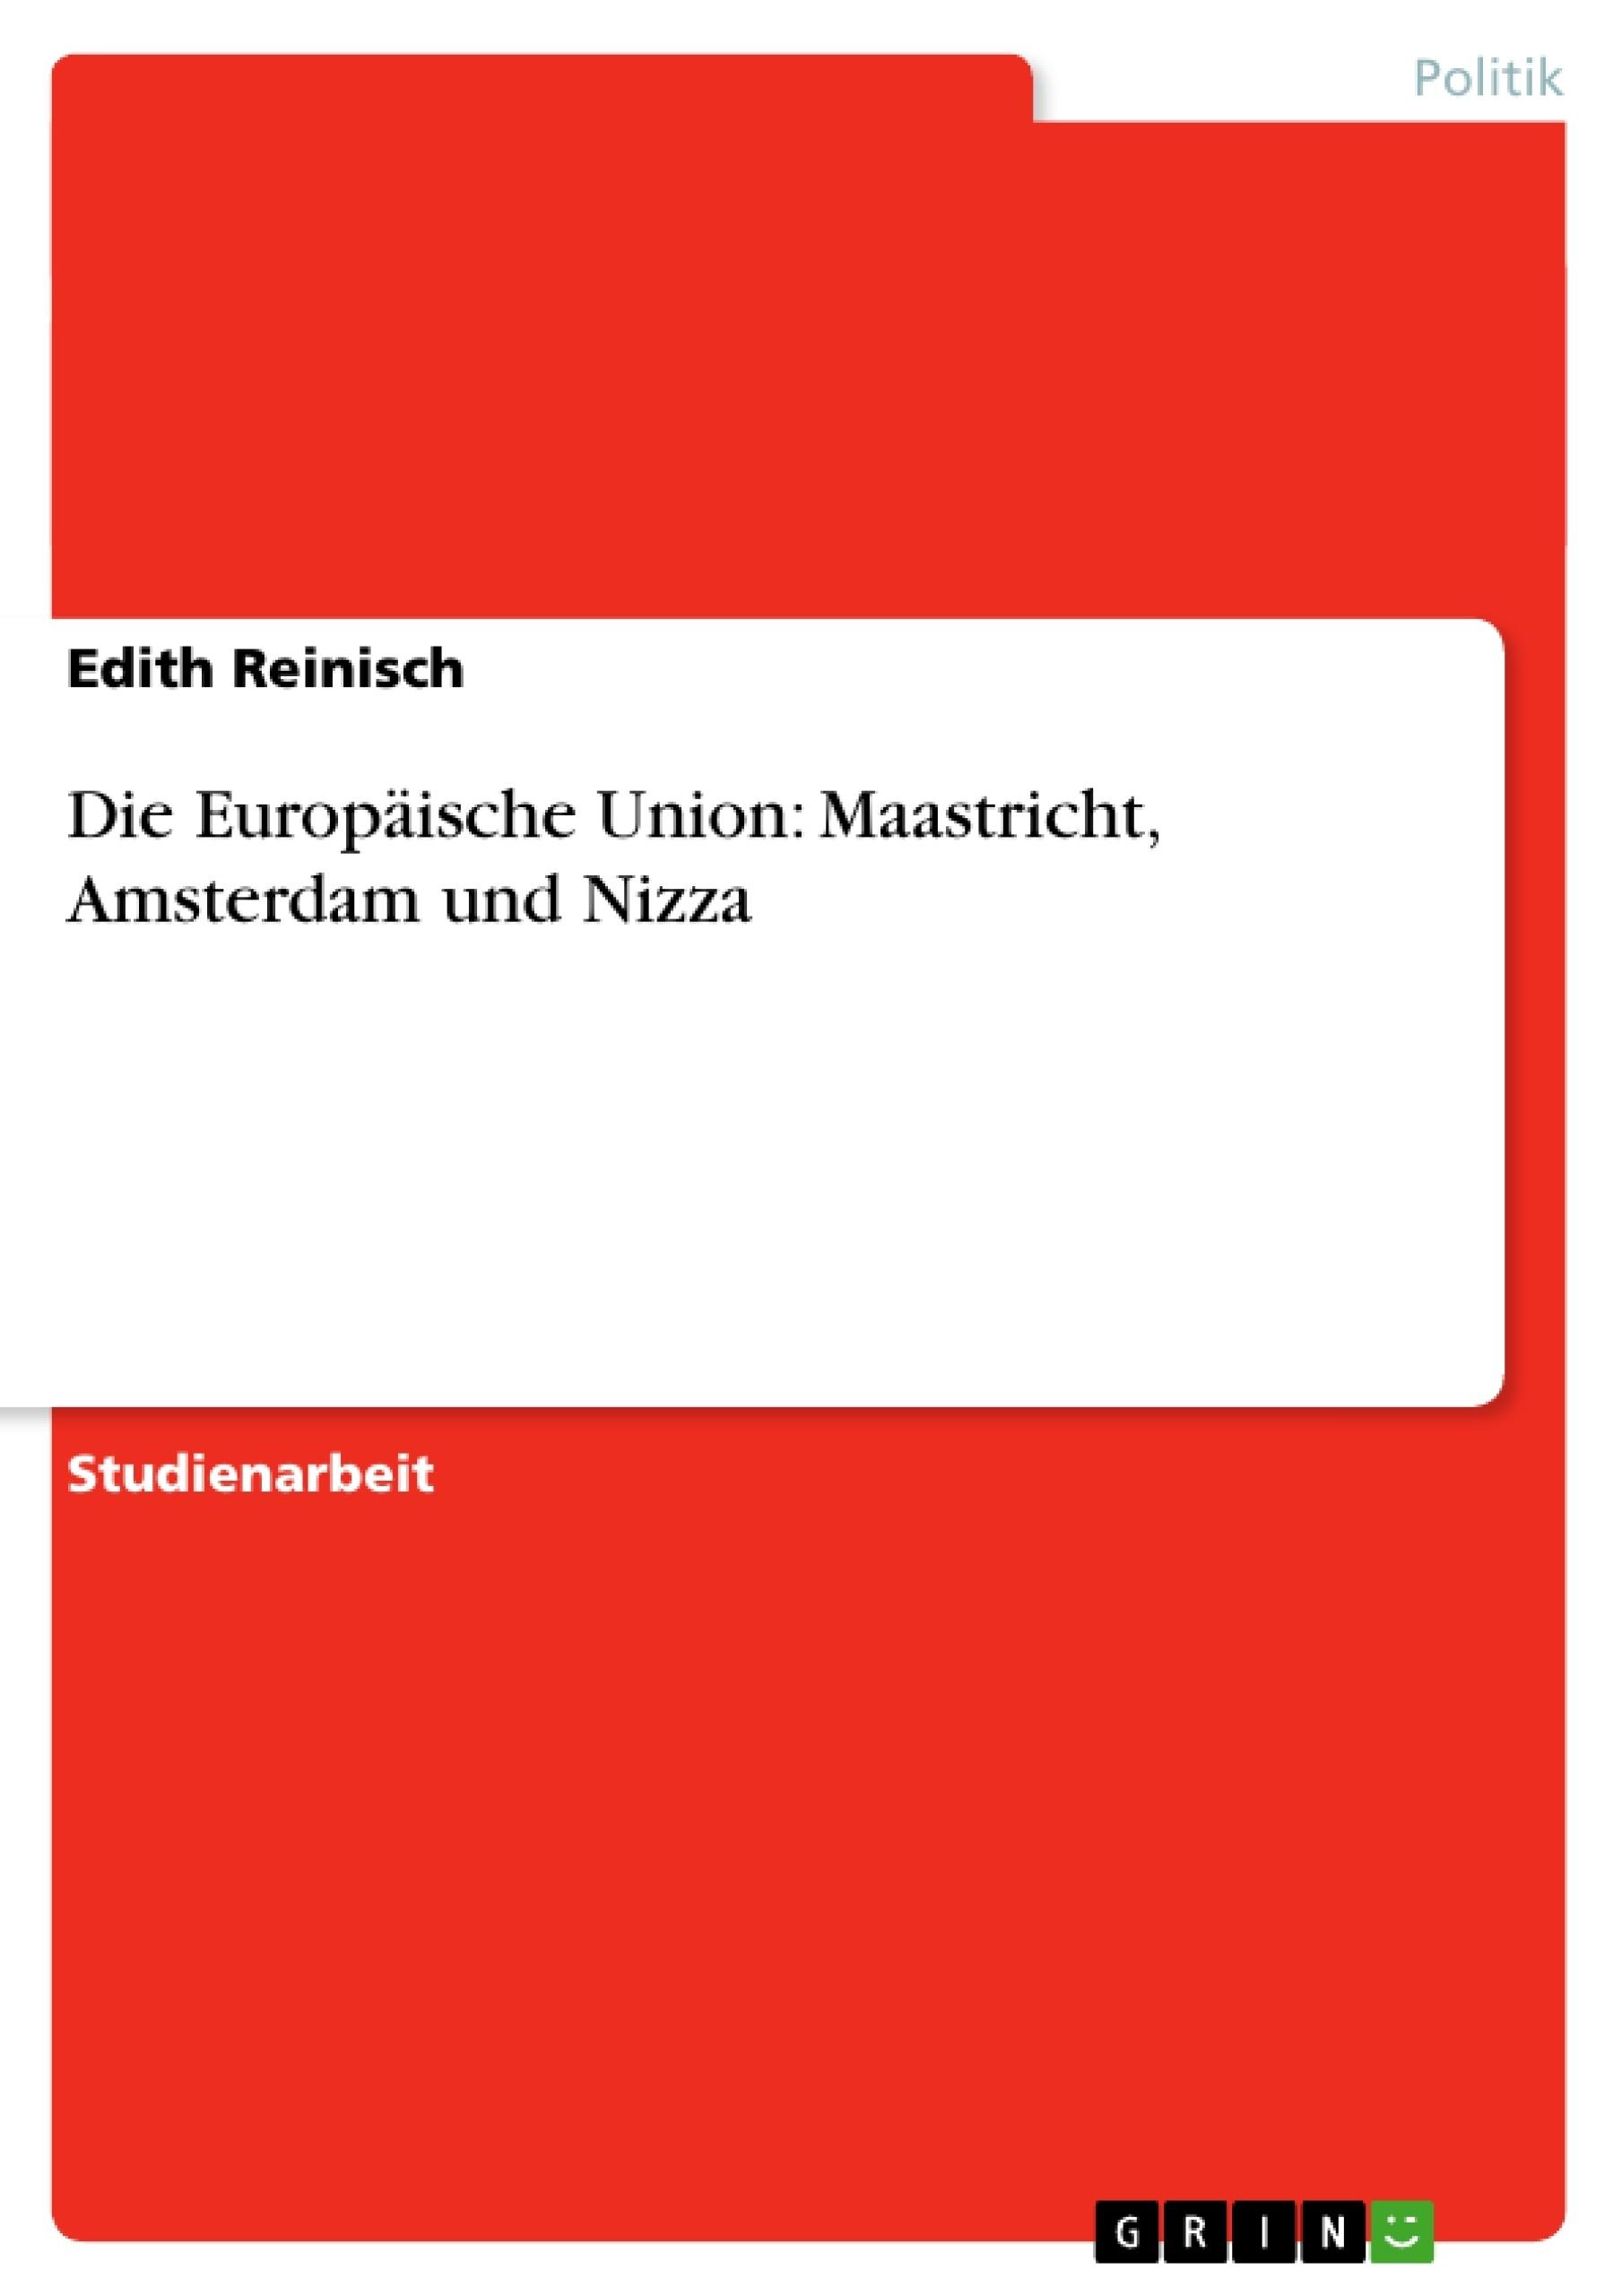 Titel: Die Europäische Union: Maastricht, Amsterdam und Nizza